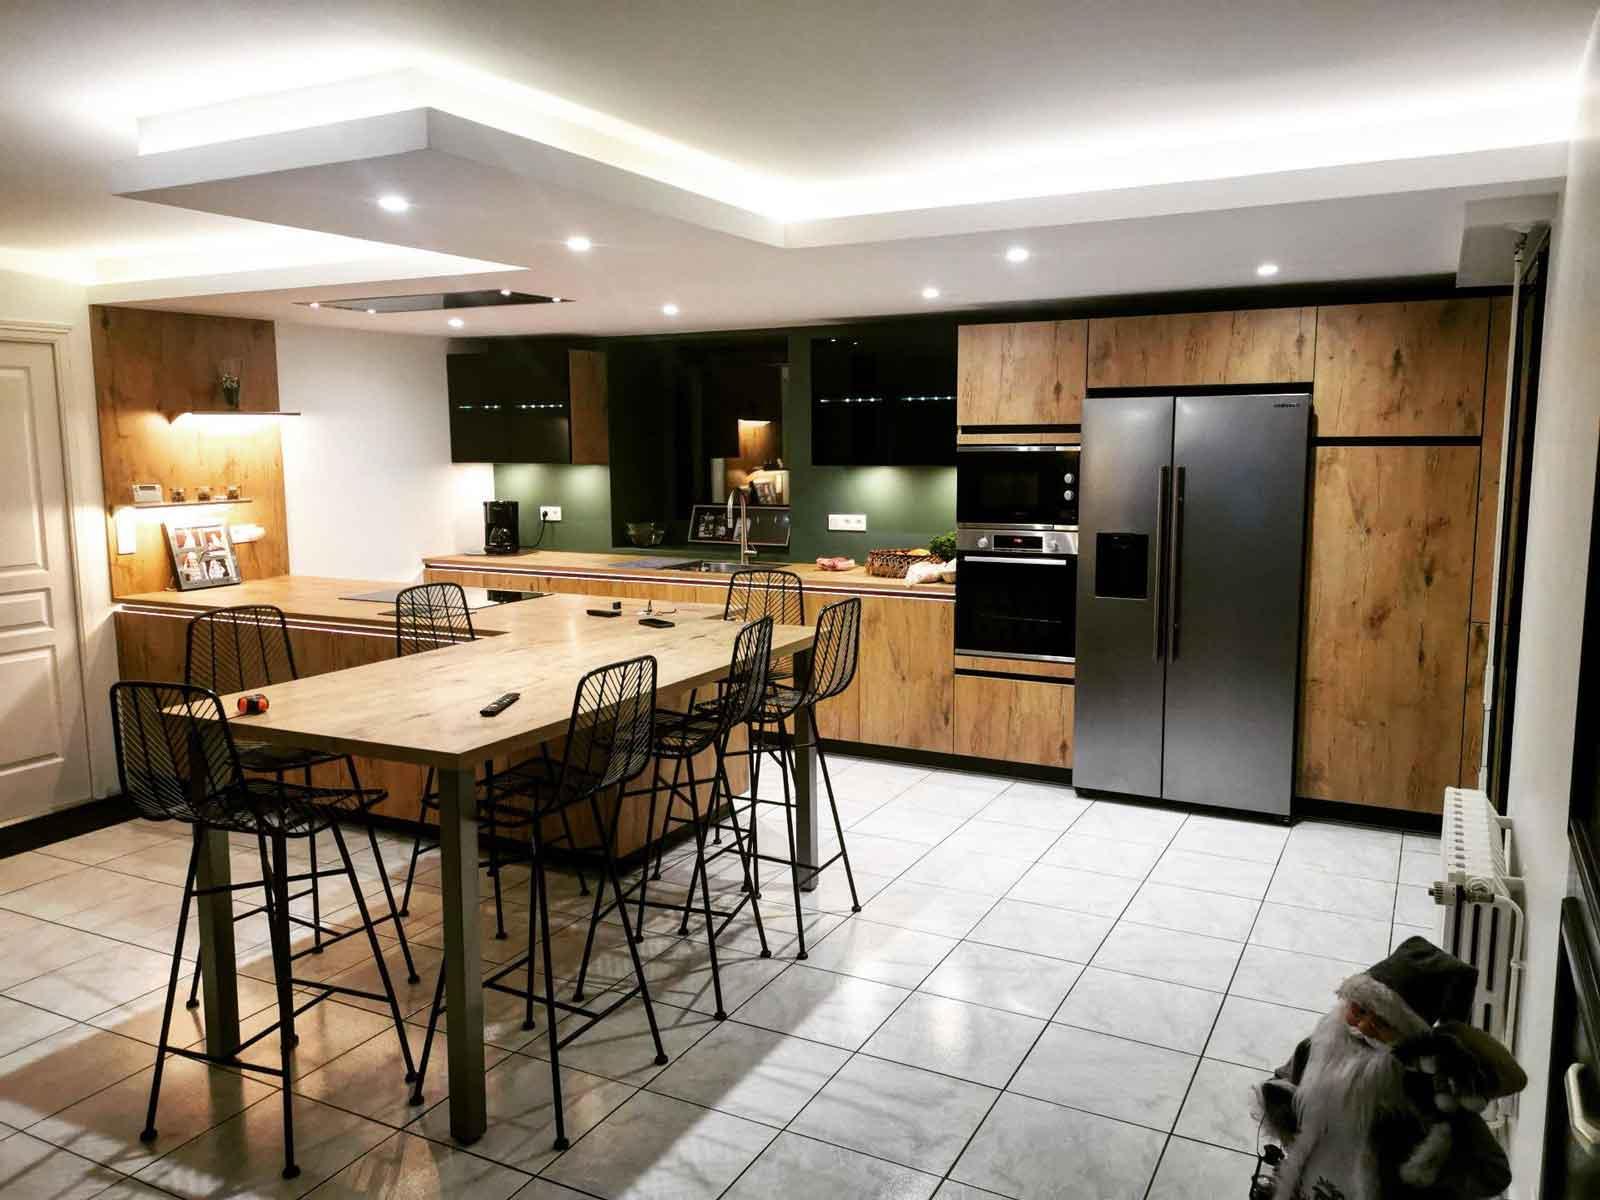 Une cuisine conviviale et lumineuse pour partager des bons moments en famille